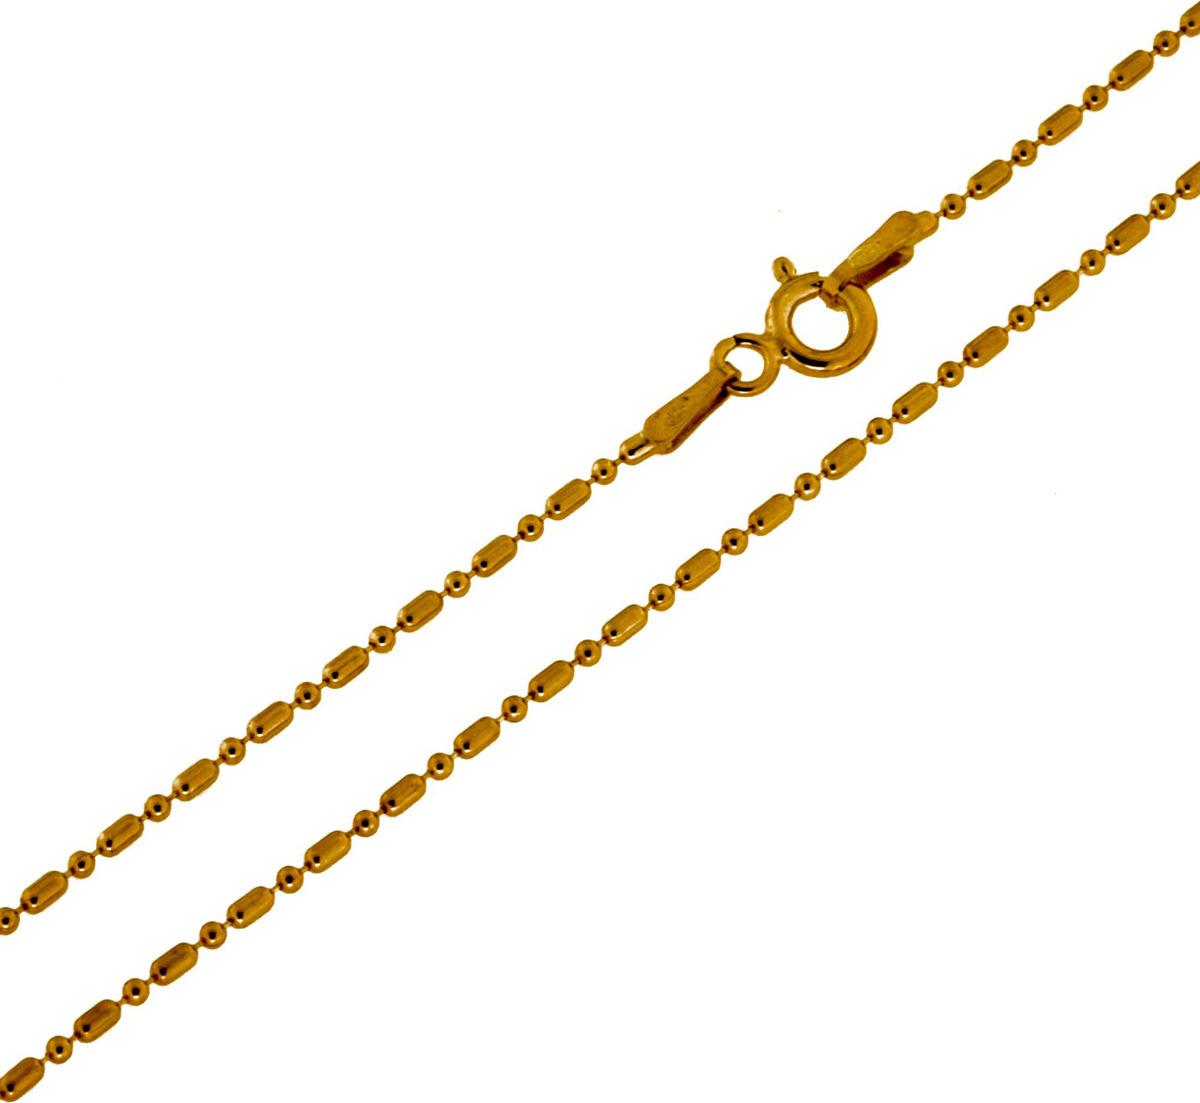 Цепочка Серебряная Венеция Точка-тире облегченная, серебро 925, 50 см, 5539Z120LСереброЦепочка Точка-тире облегченная из серебра 925 пробы. Цепь Серебряная Венеция с двойным золочением из основного слоя золота в 24 карата (999 пробы) и верхнего (подцвечивающего) слоя золота 585 пробы. Цепочка сделаны из шариков и бочонков на тонкой серебряной нити. Цепочка может носиться и как самостоятельное украшение, и в дополнение с кулоном. Серебряные цепи с двойным золочением внешне почти не отличаются от золотых, прекрасно сочетаются с золотыми украшениями, но более доступны по цене. Такое украшение практично и модно. Цепочка произведена в Италии с использованием самого передового оборудования и современных технологий, что несомненно говорит о её качестве.